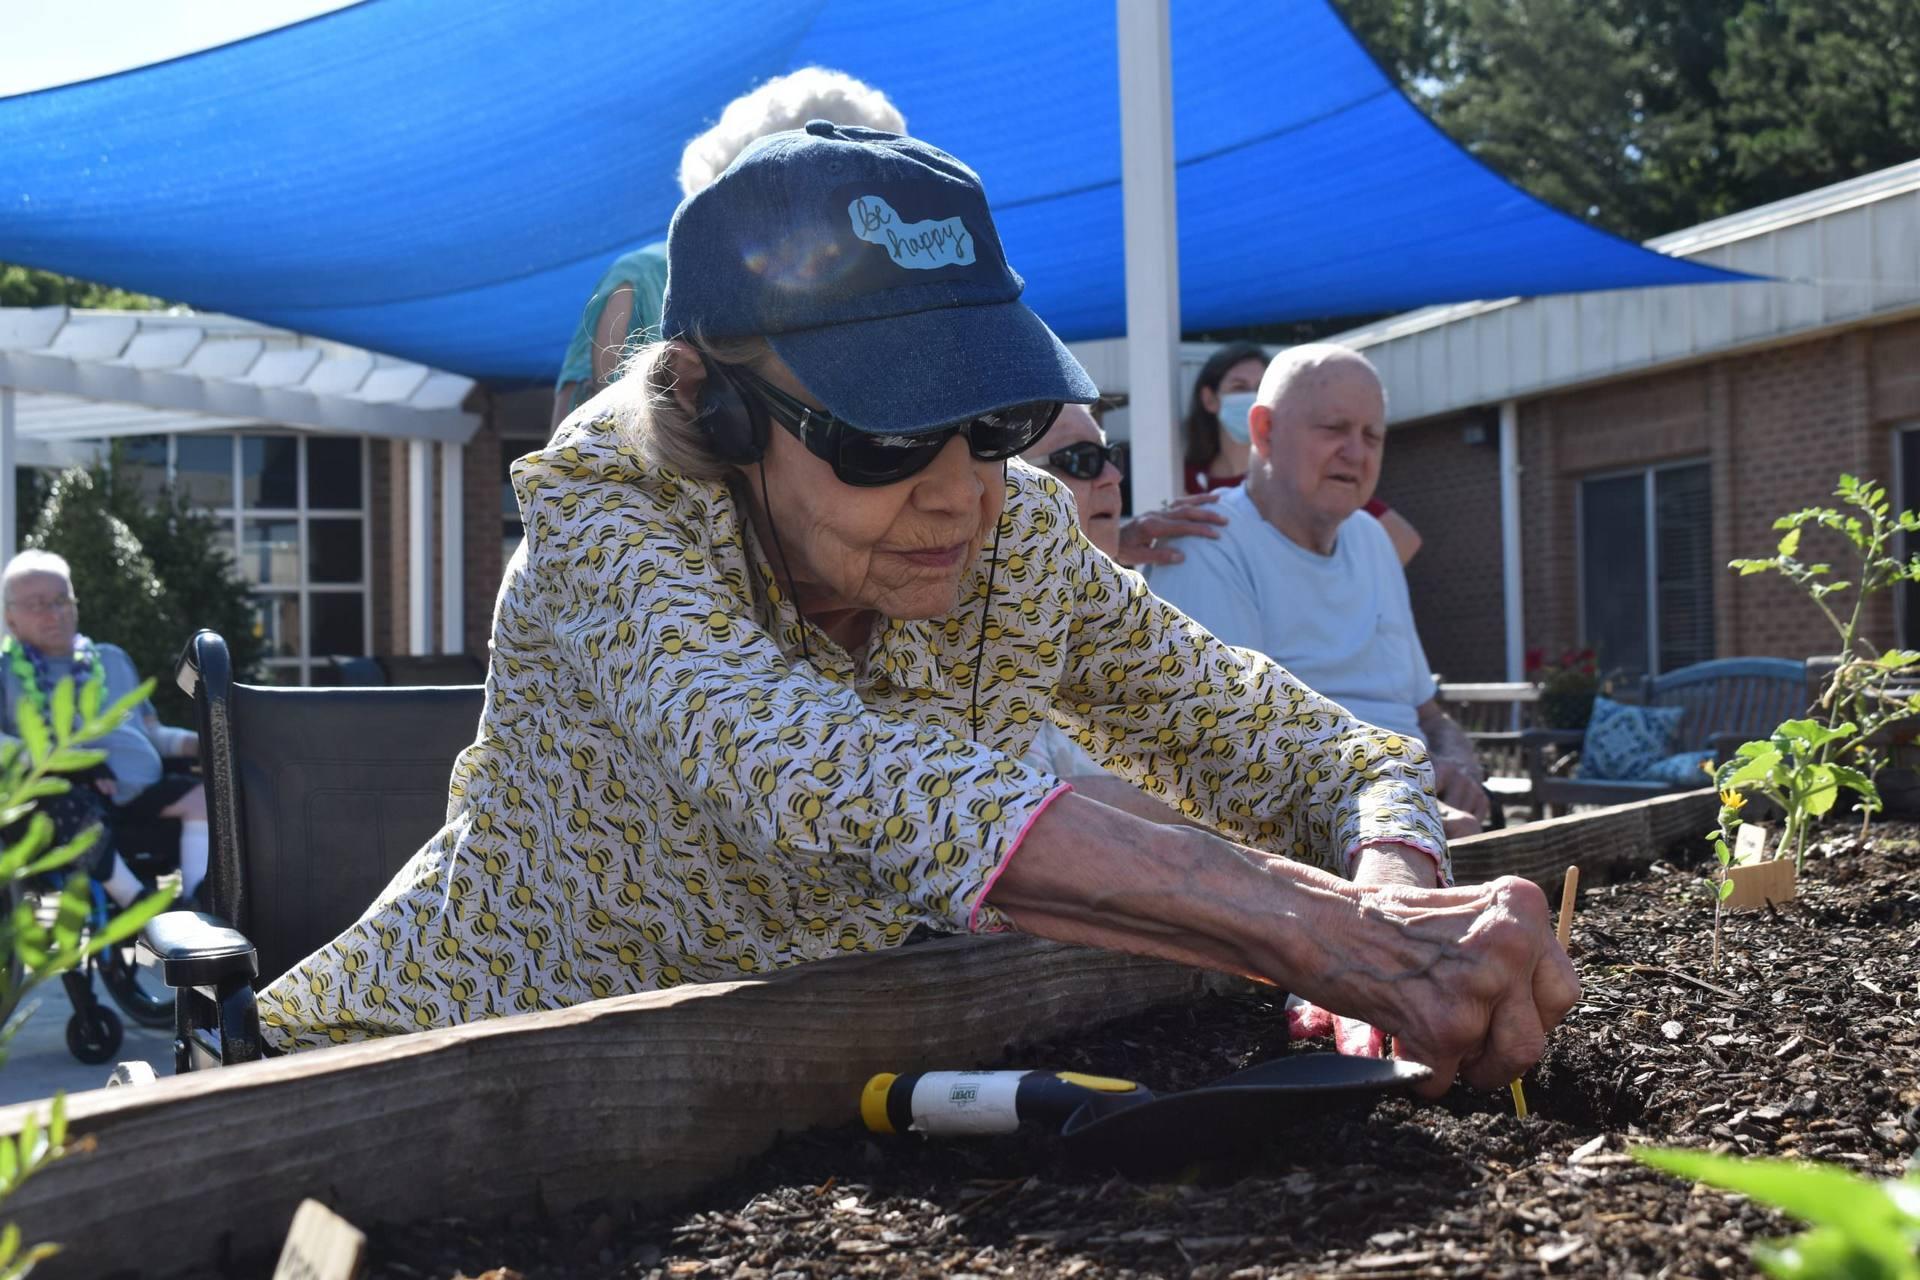 Woman works in courtyard garden.